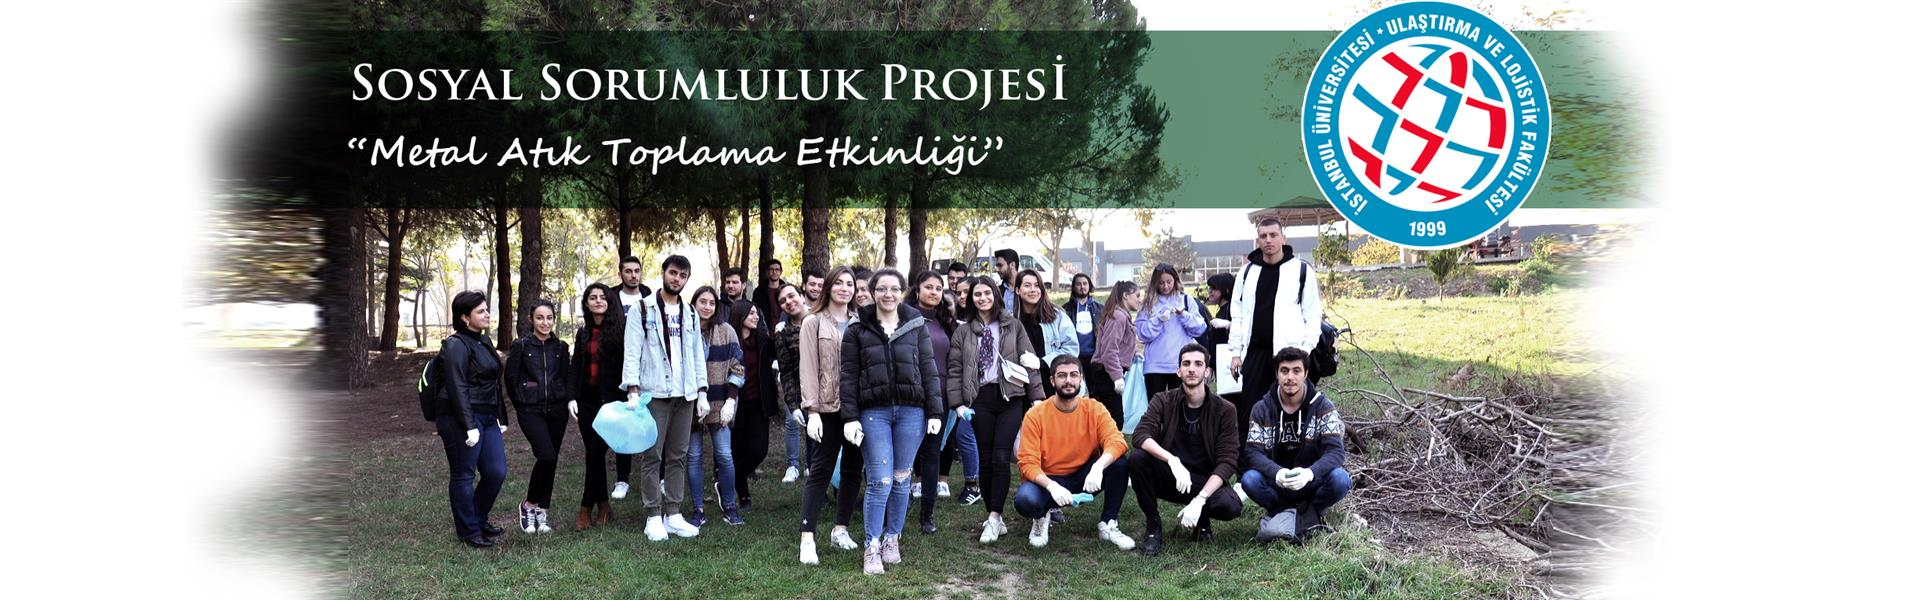 atık toplama etkinlik sosyal sorumluluk proje